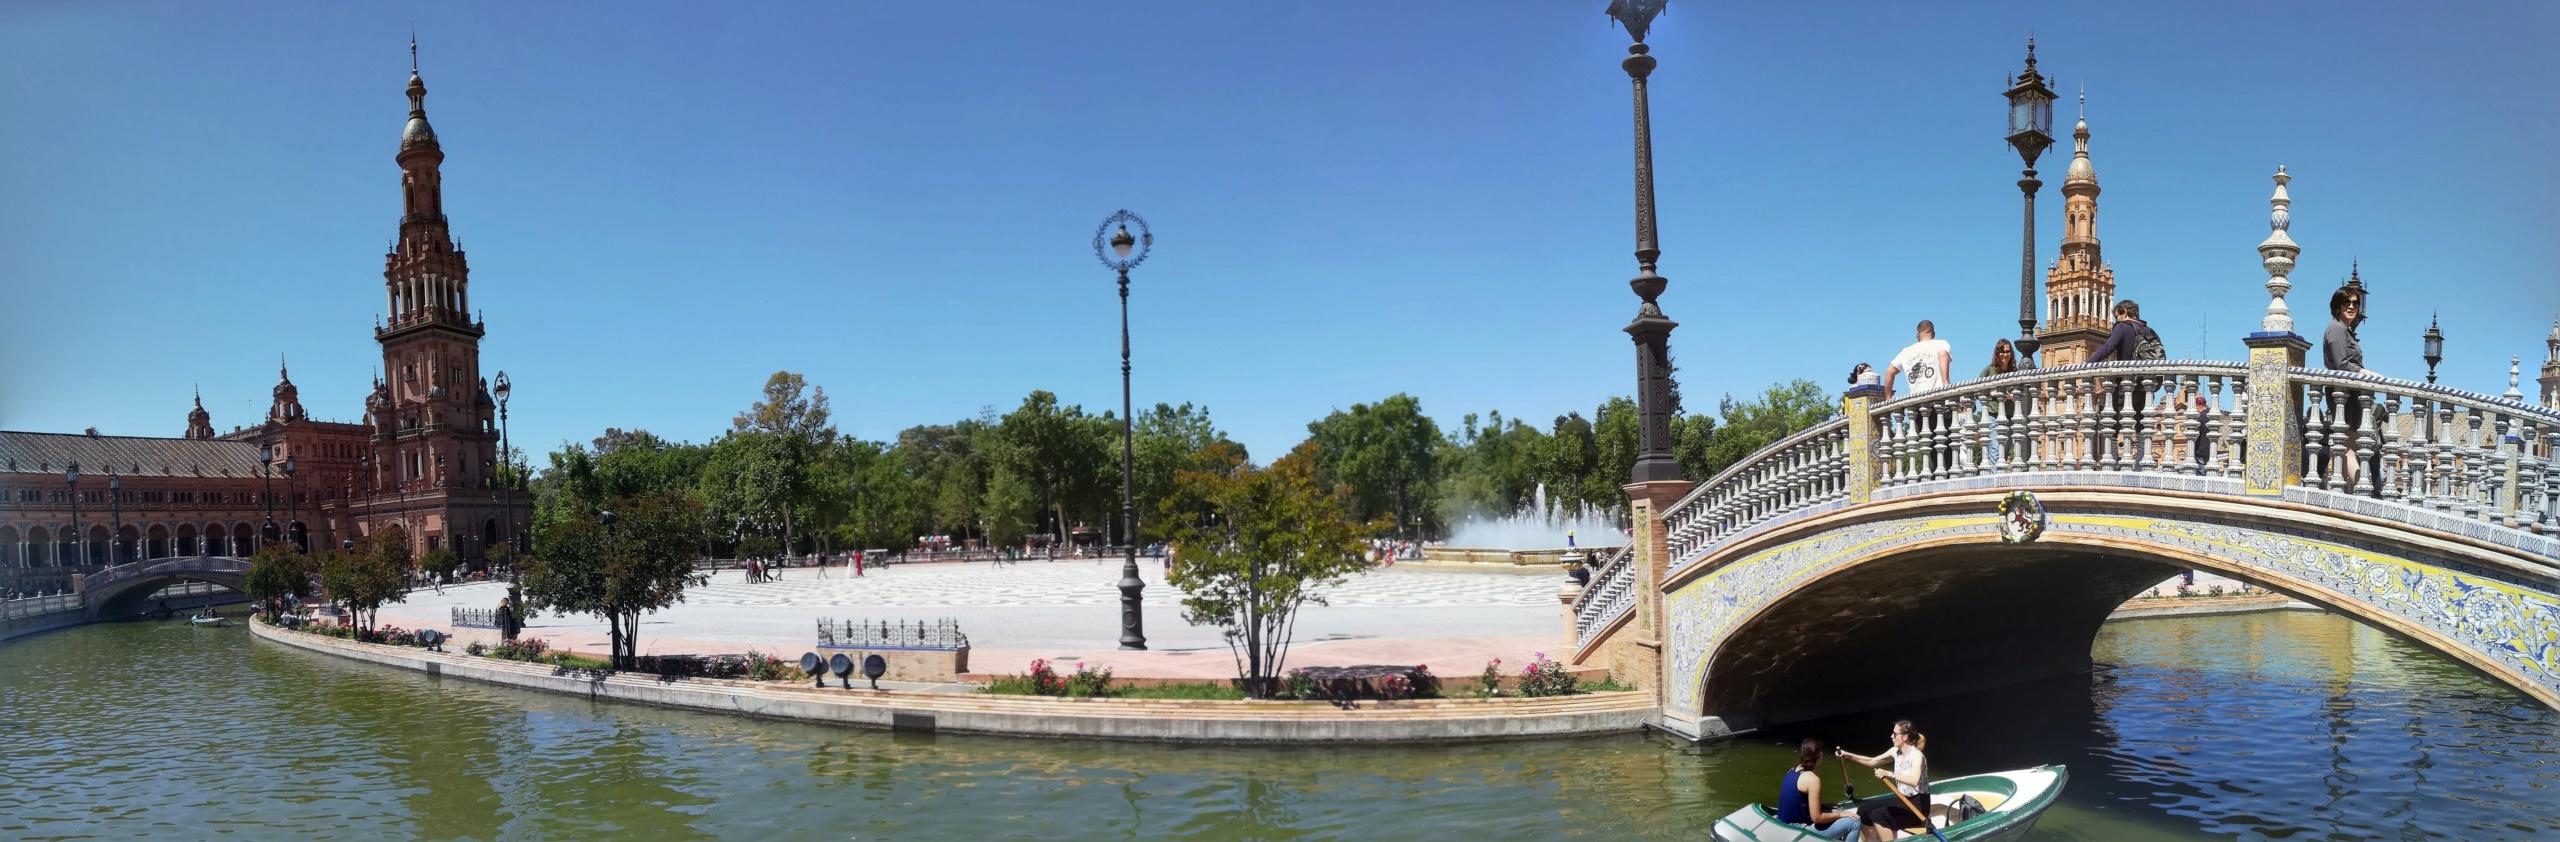 Andalusia - Granada, Cordoba e Siviglia  - Pagina 2 Img_2046